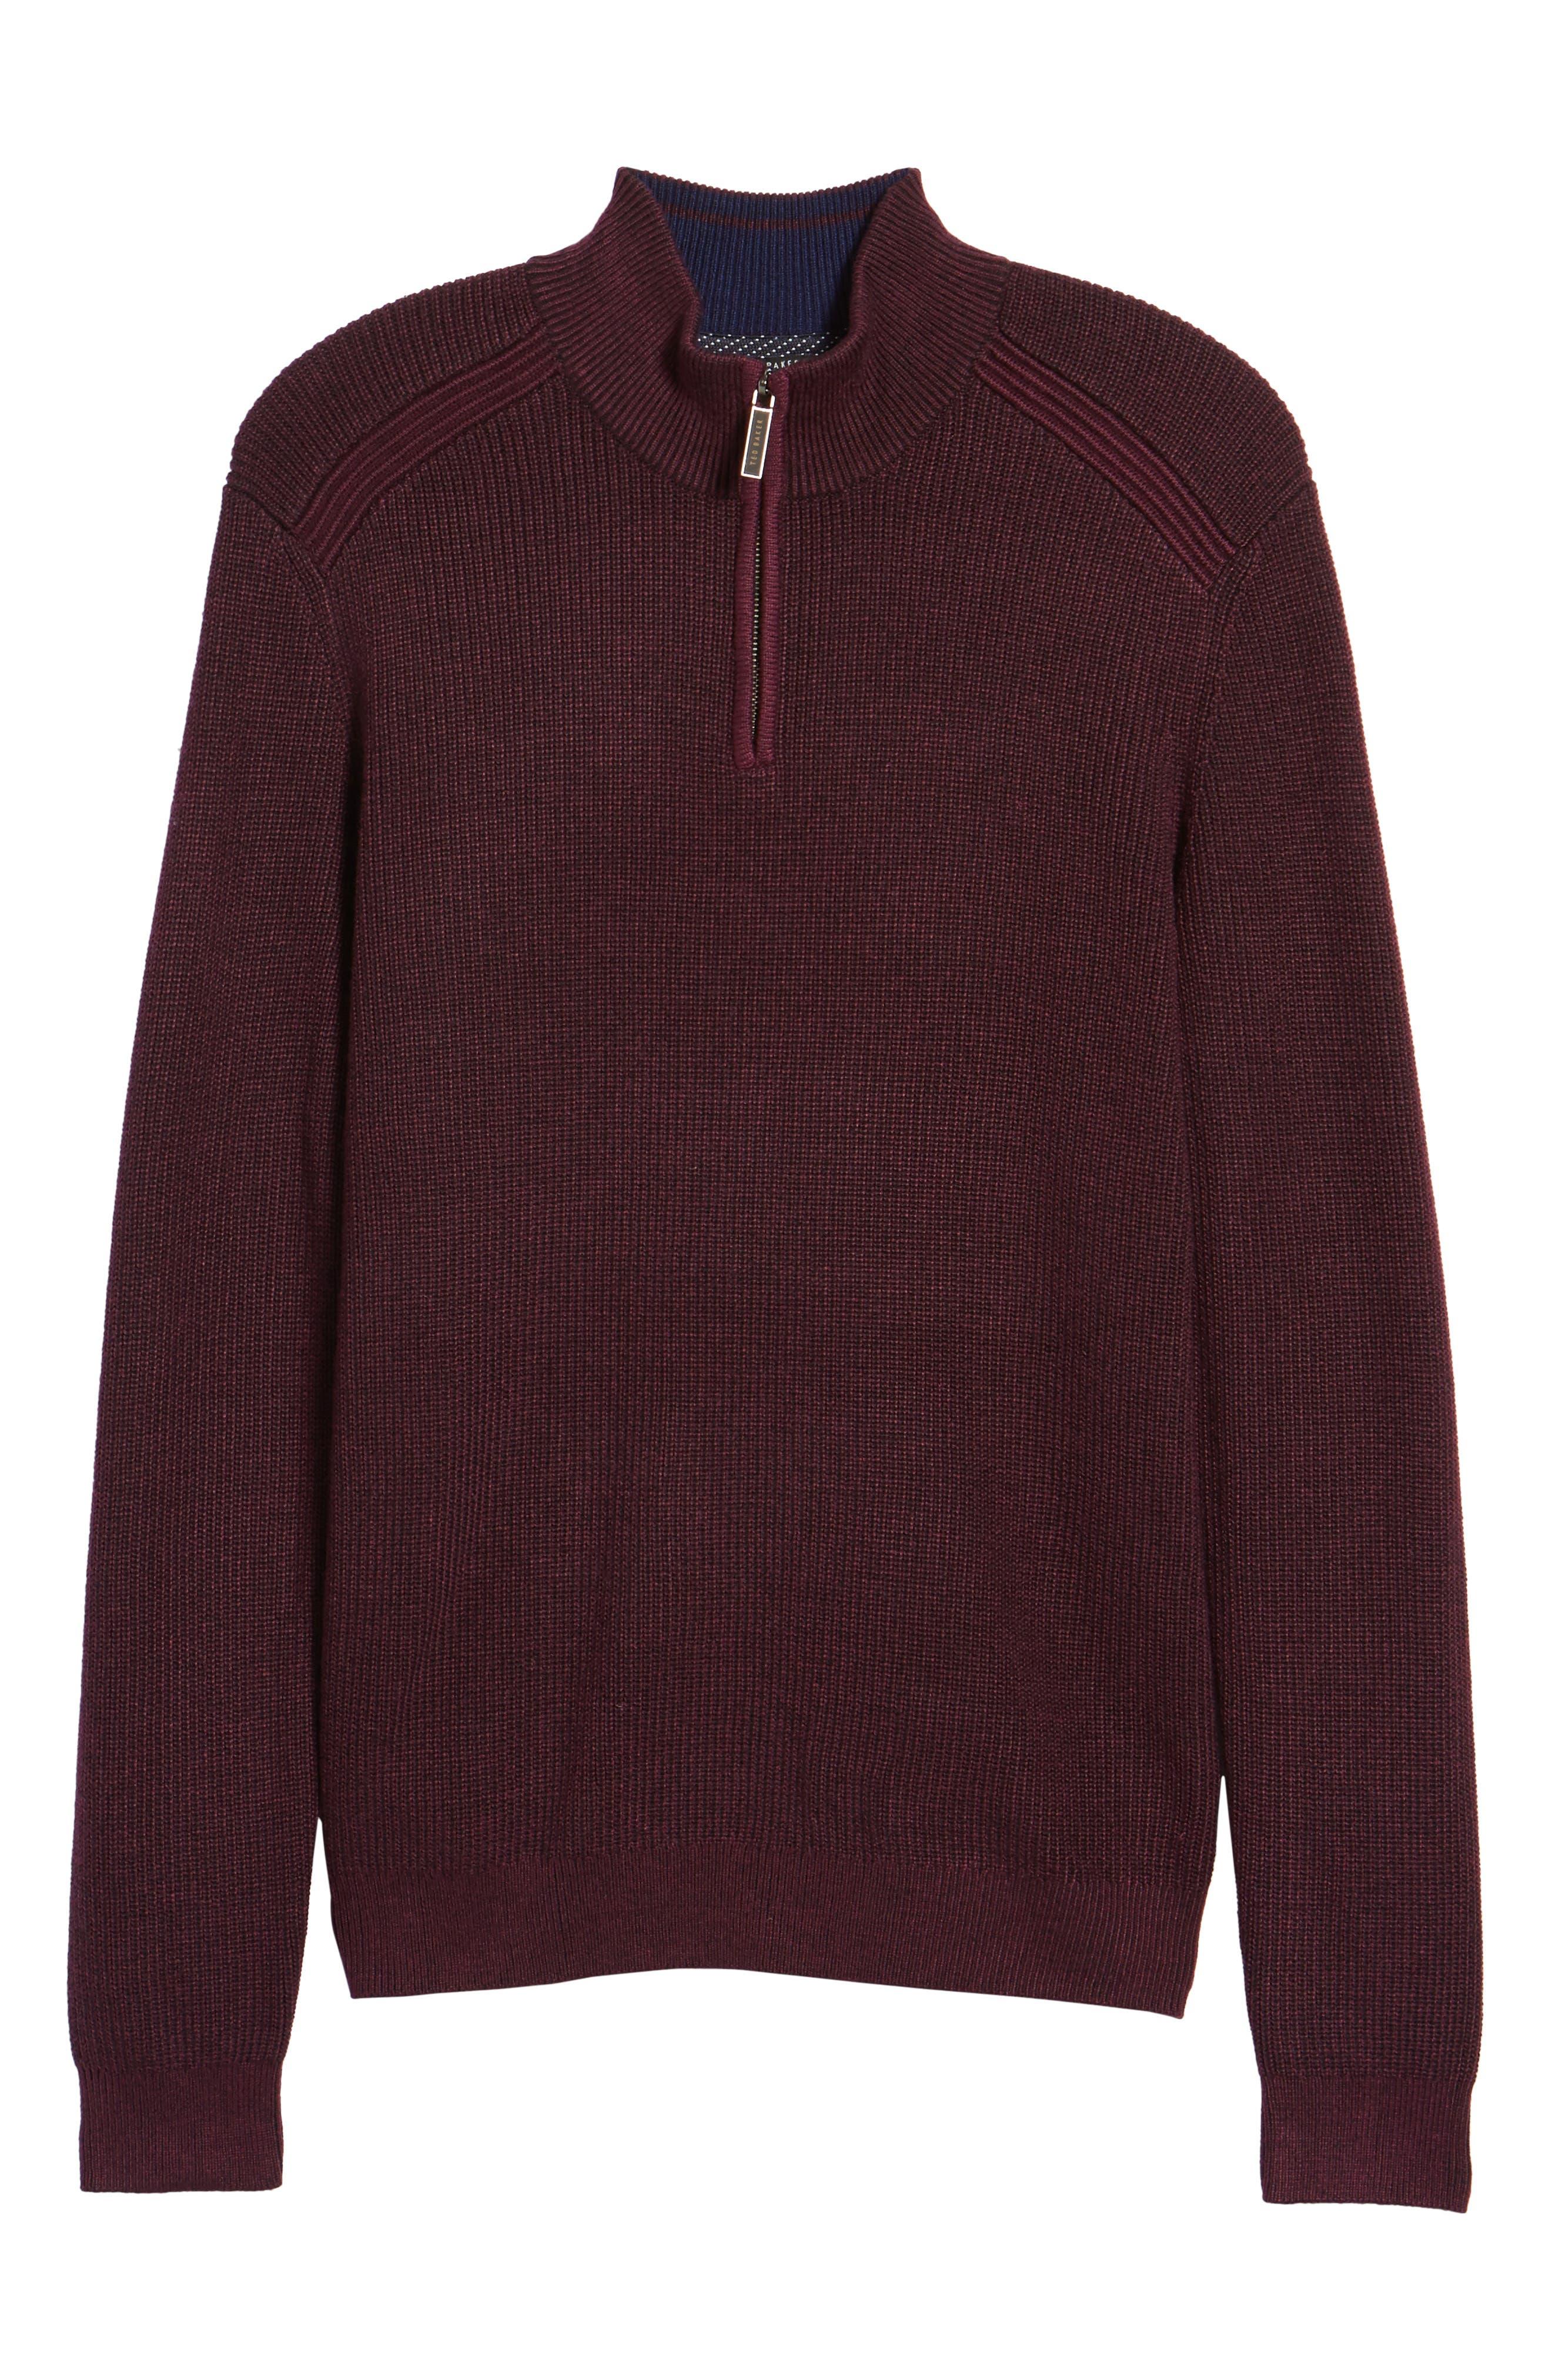 Stach Quarter Zip Sweater,                             Alternate thumbnail 6, color,                             Purple